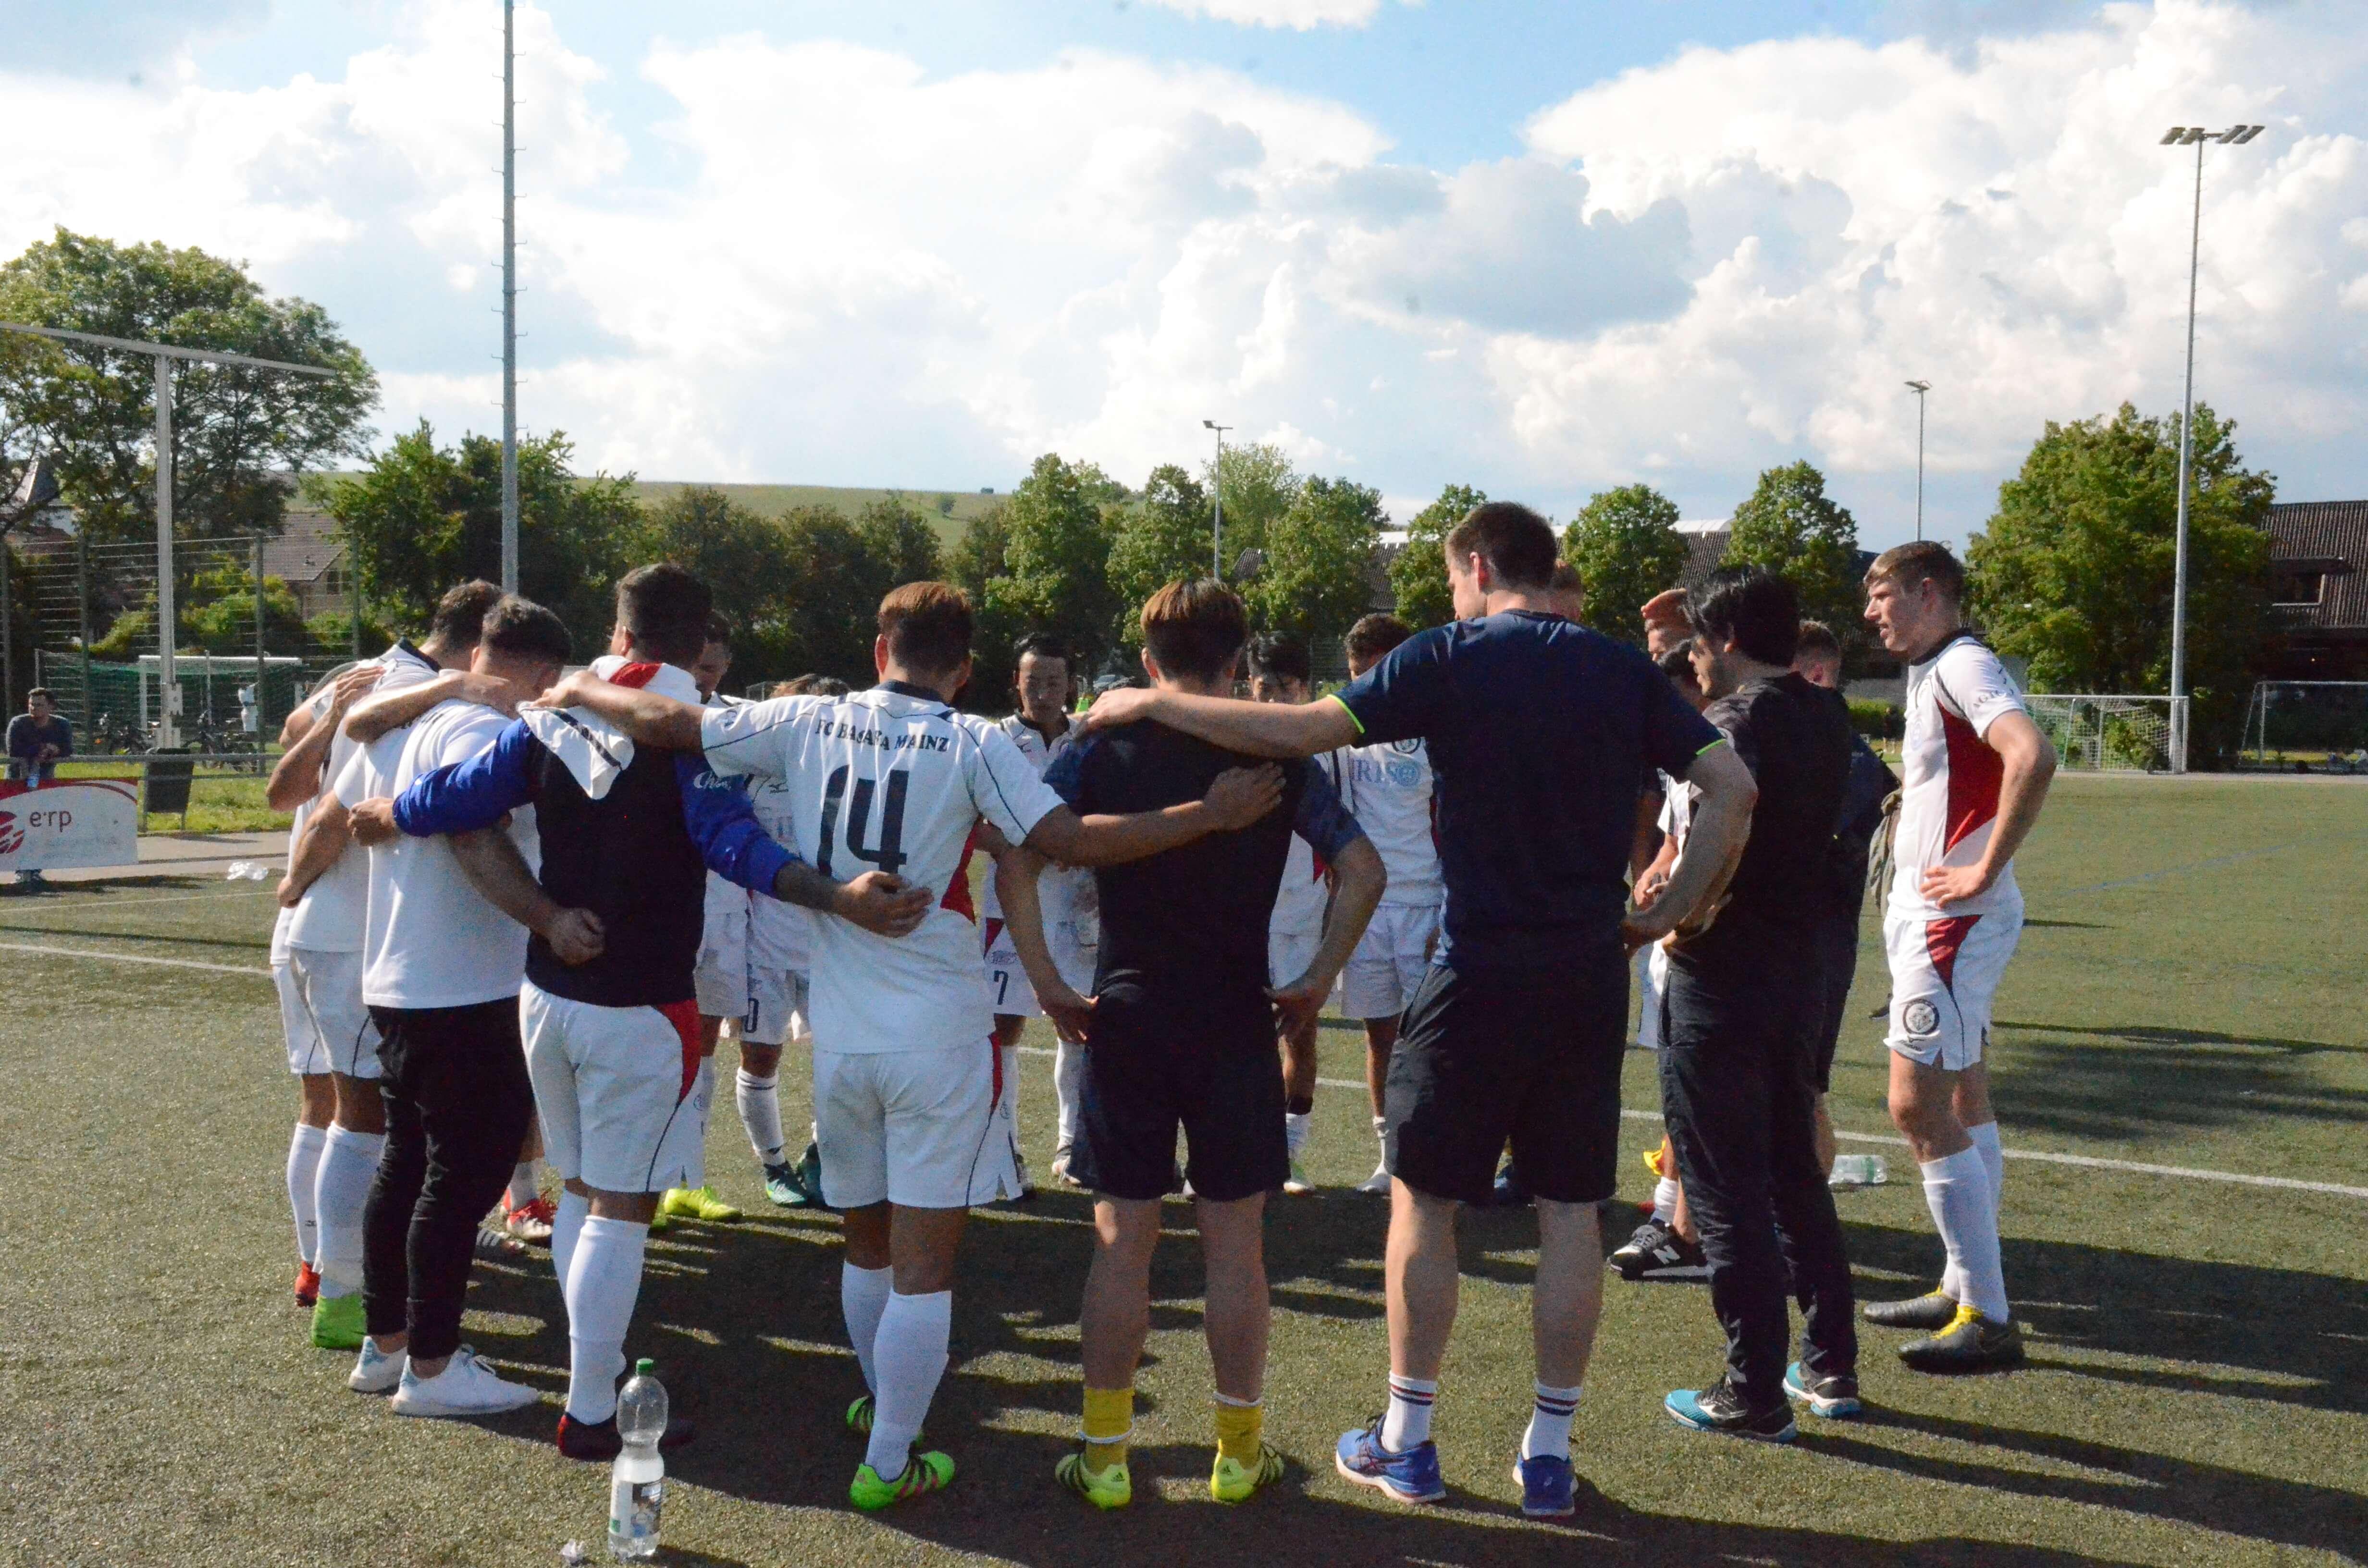 【トップチーム】第29節 vs VfB Bodenheim 試合記録